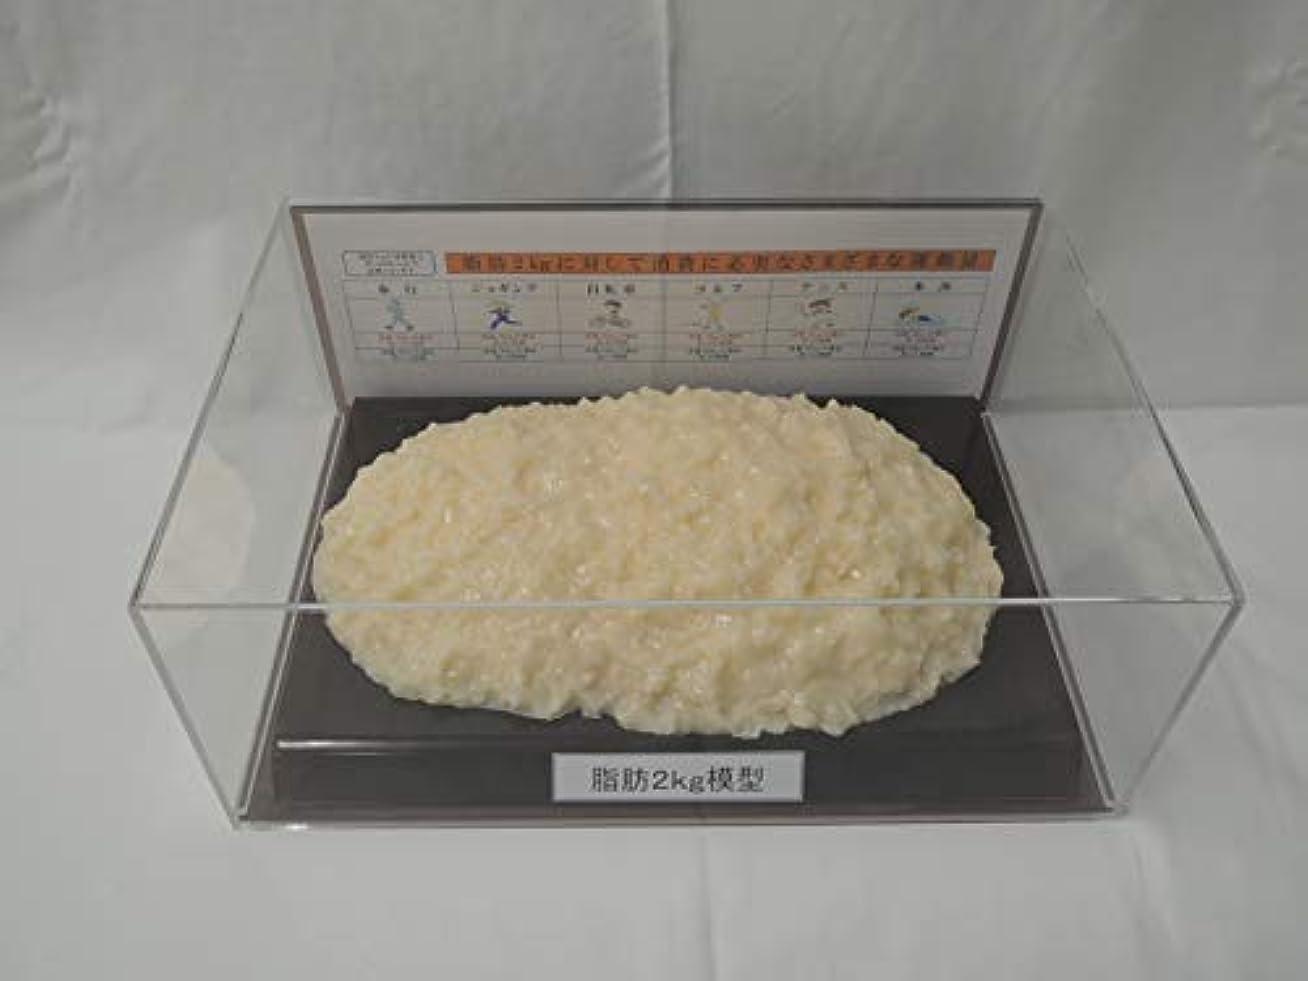 組剃る論理的脂肪模型 フィギアケース入 2kg ダイエット 健康 肥満 トレーニング フードモデル 食品サンプル